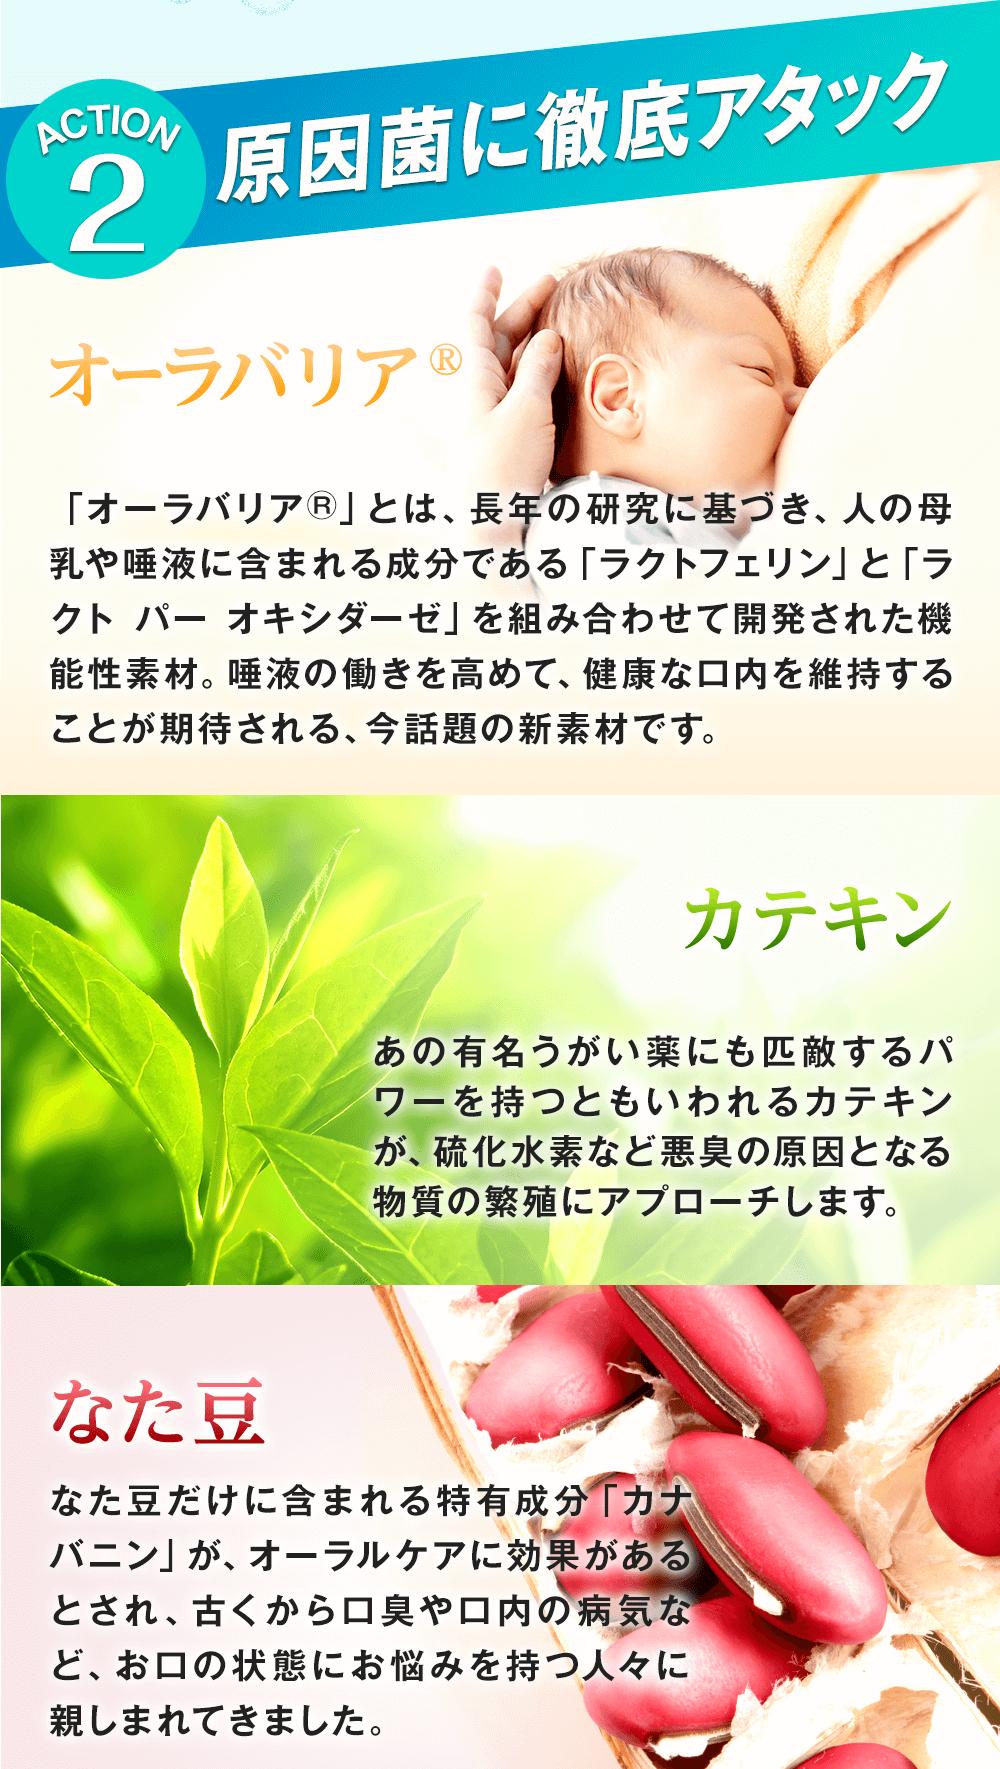 口臭サプリ『ブレッシュ』の二つ目の特徴は、原因菌に徹底アタック!オーラバリアで唾液の抗菌力を高めて健康な口内を維持!カテキンで悪臭の原因となる物質の繁殖を抑制!なた豆で口内環境を整えます!